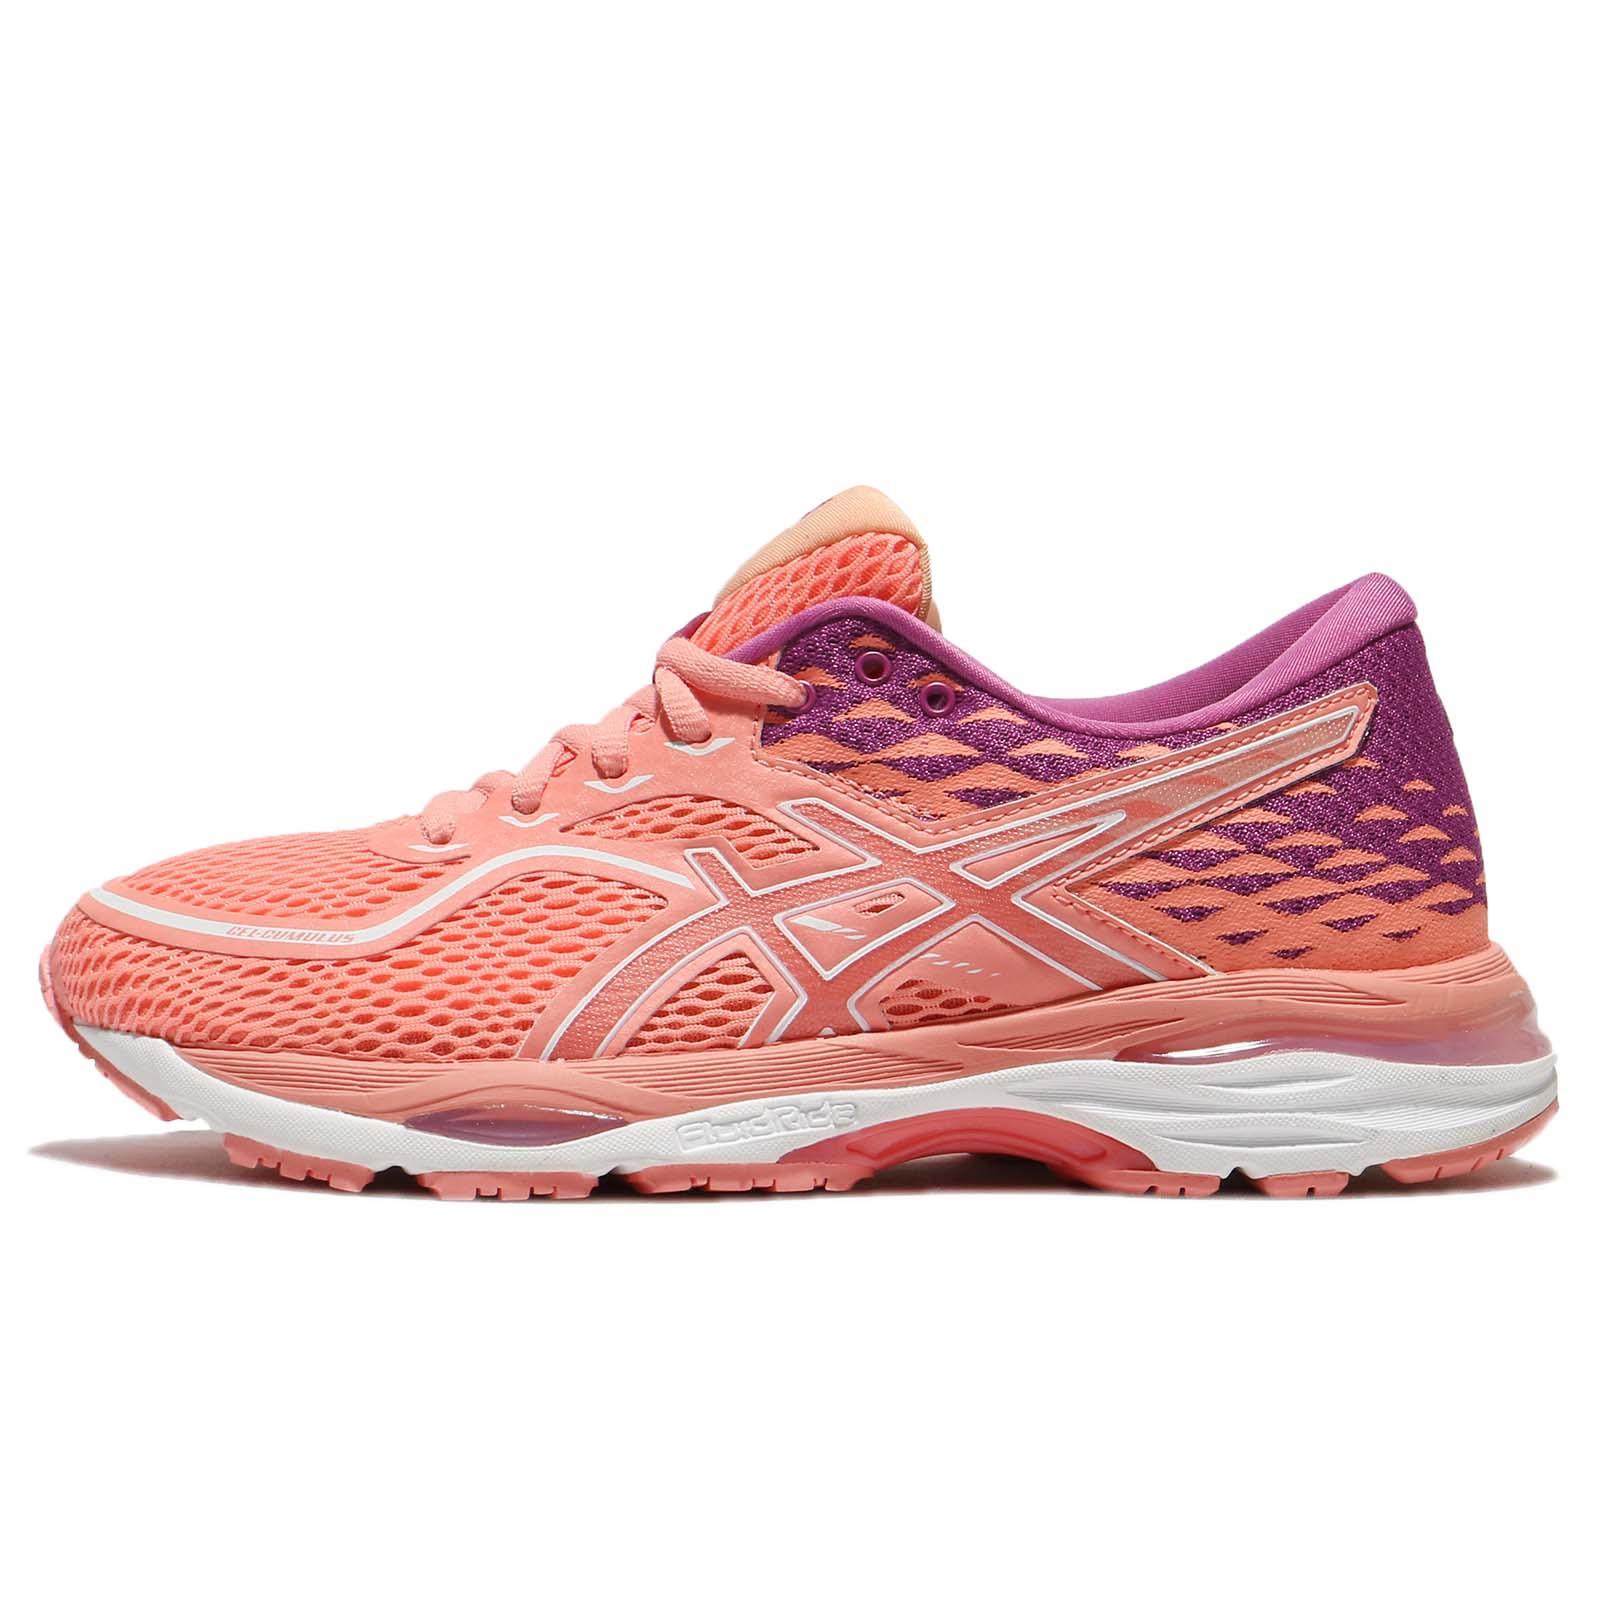 Asics Gel Cumulus 19 Begonia Pink White Women Running Shoes Sneakers T7B8N 0606